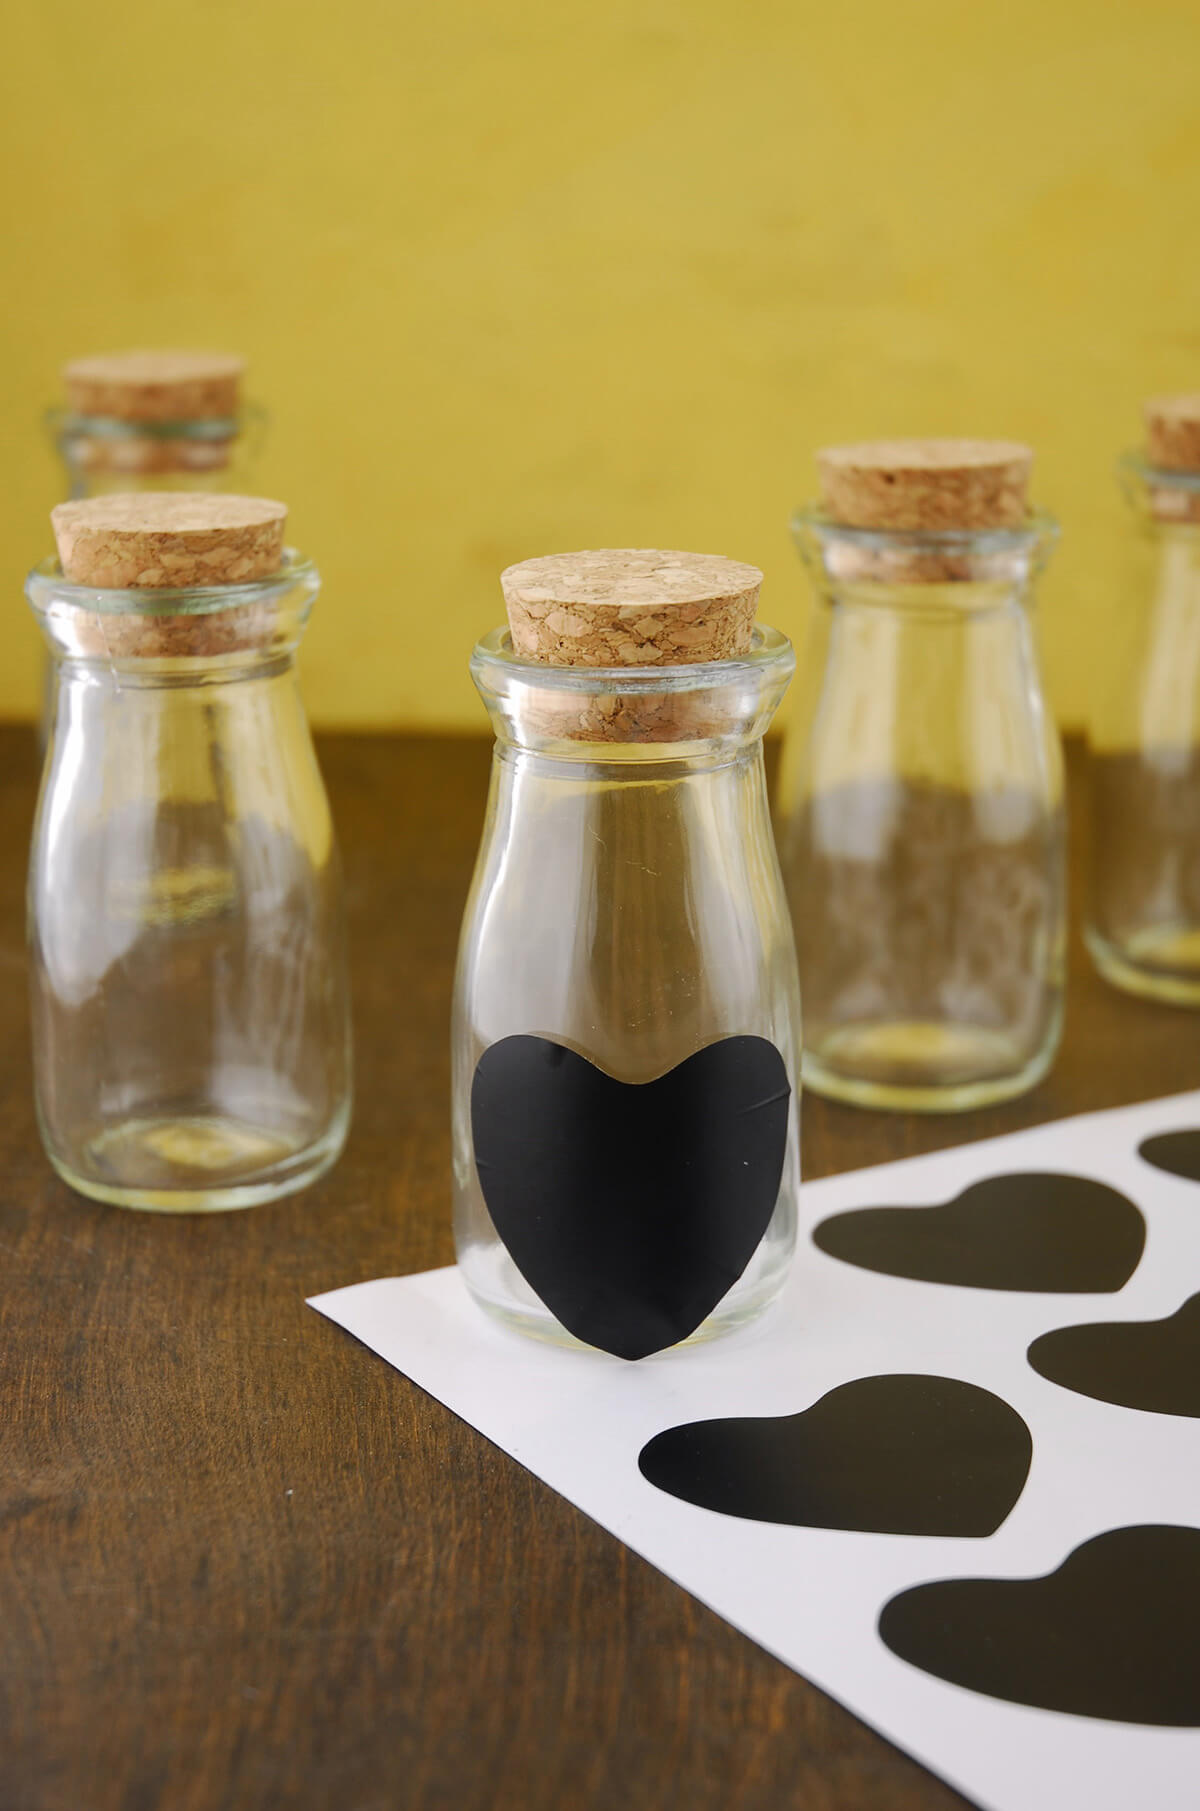 24 Vintage Milk Bottles With Chalk Heart Labels